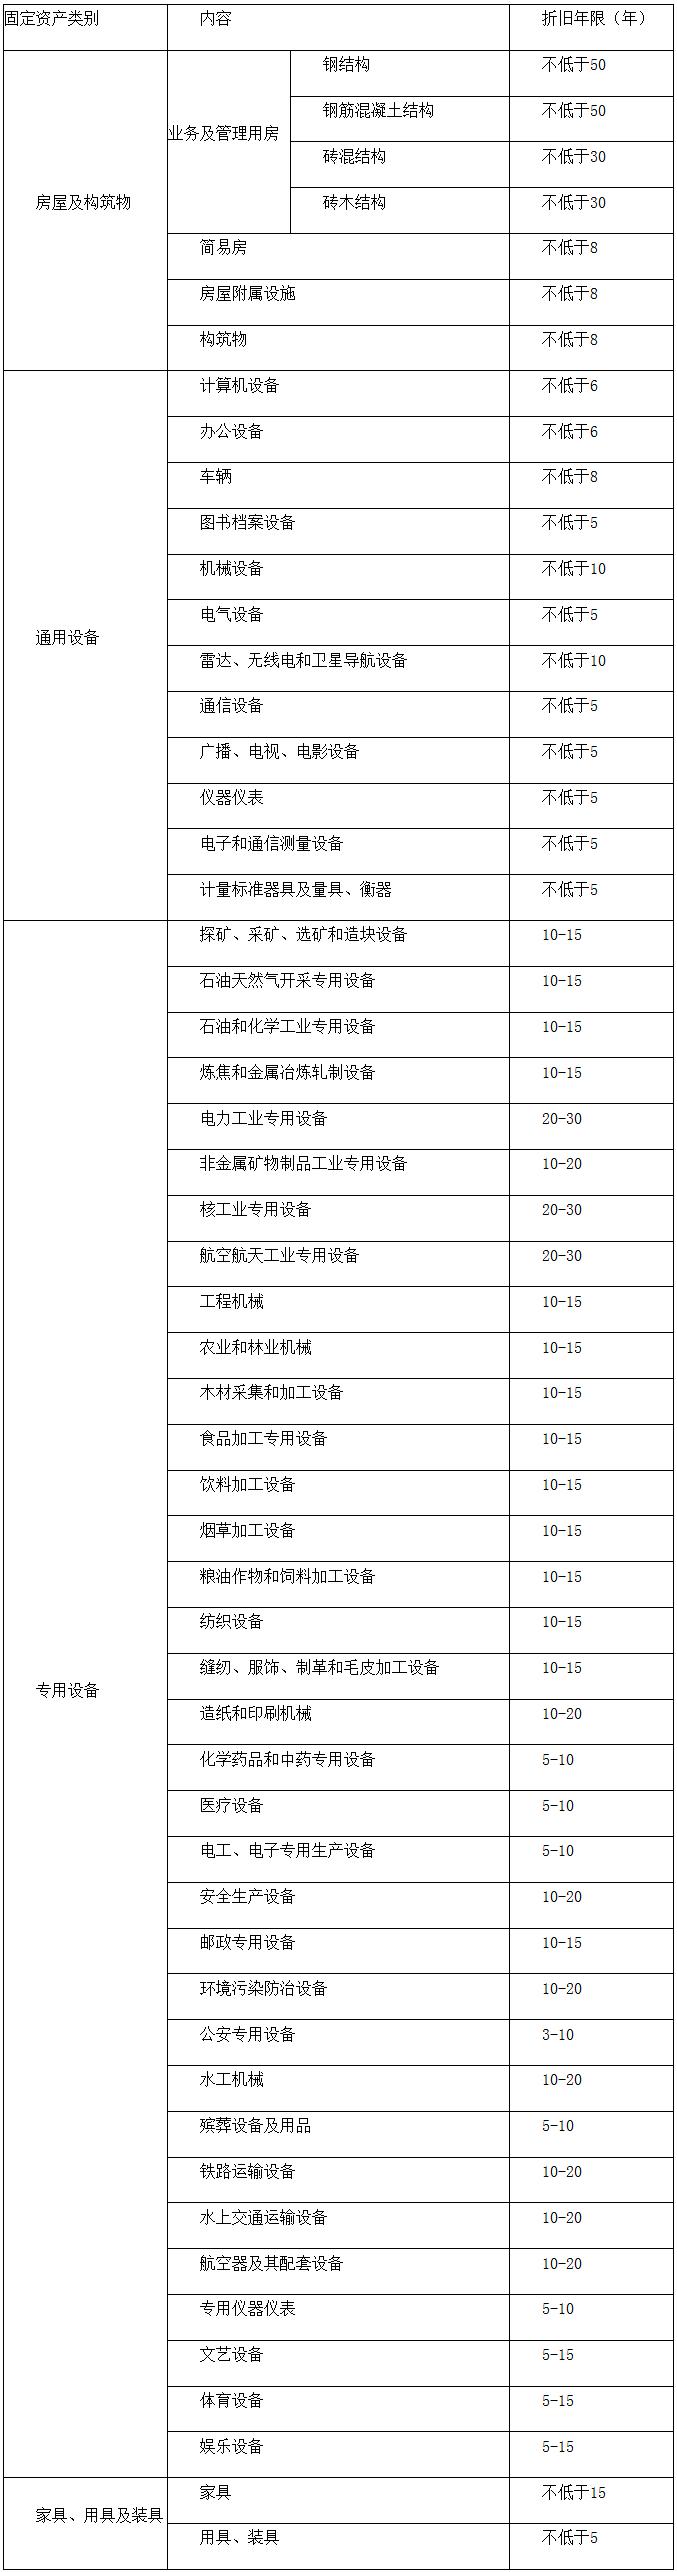 政府固定资产折旧年限表